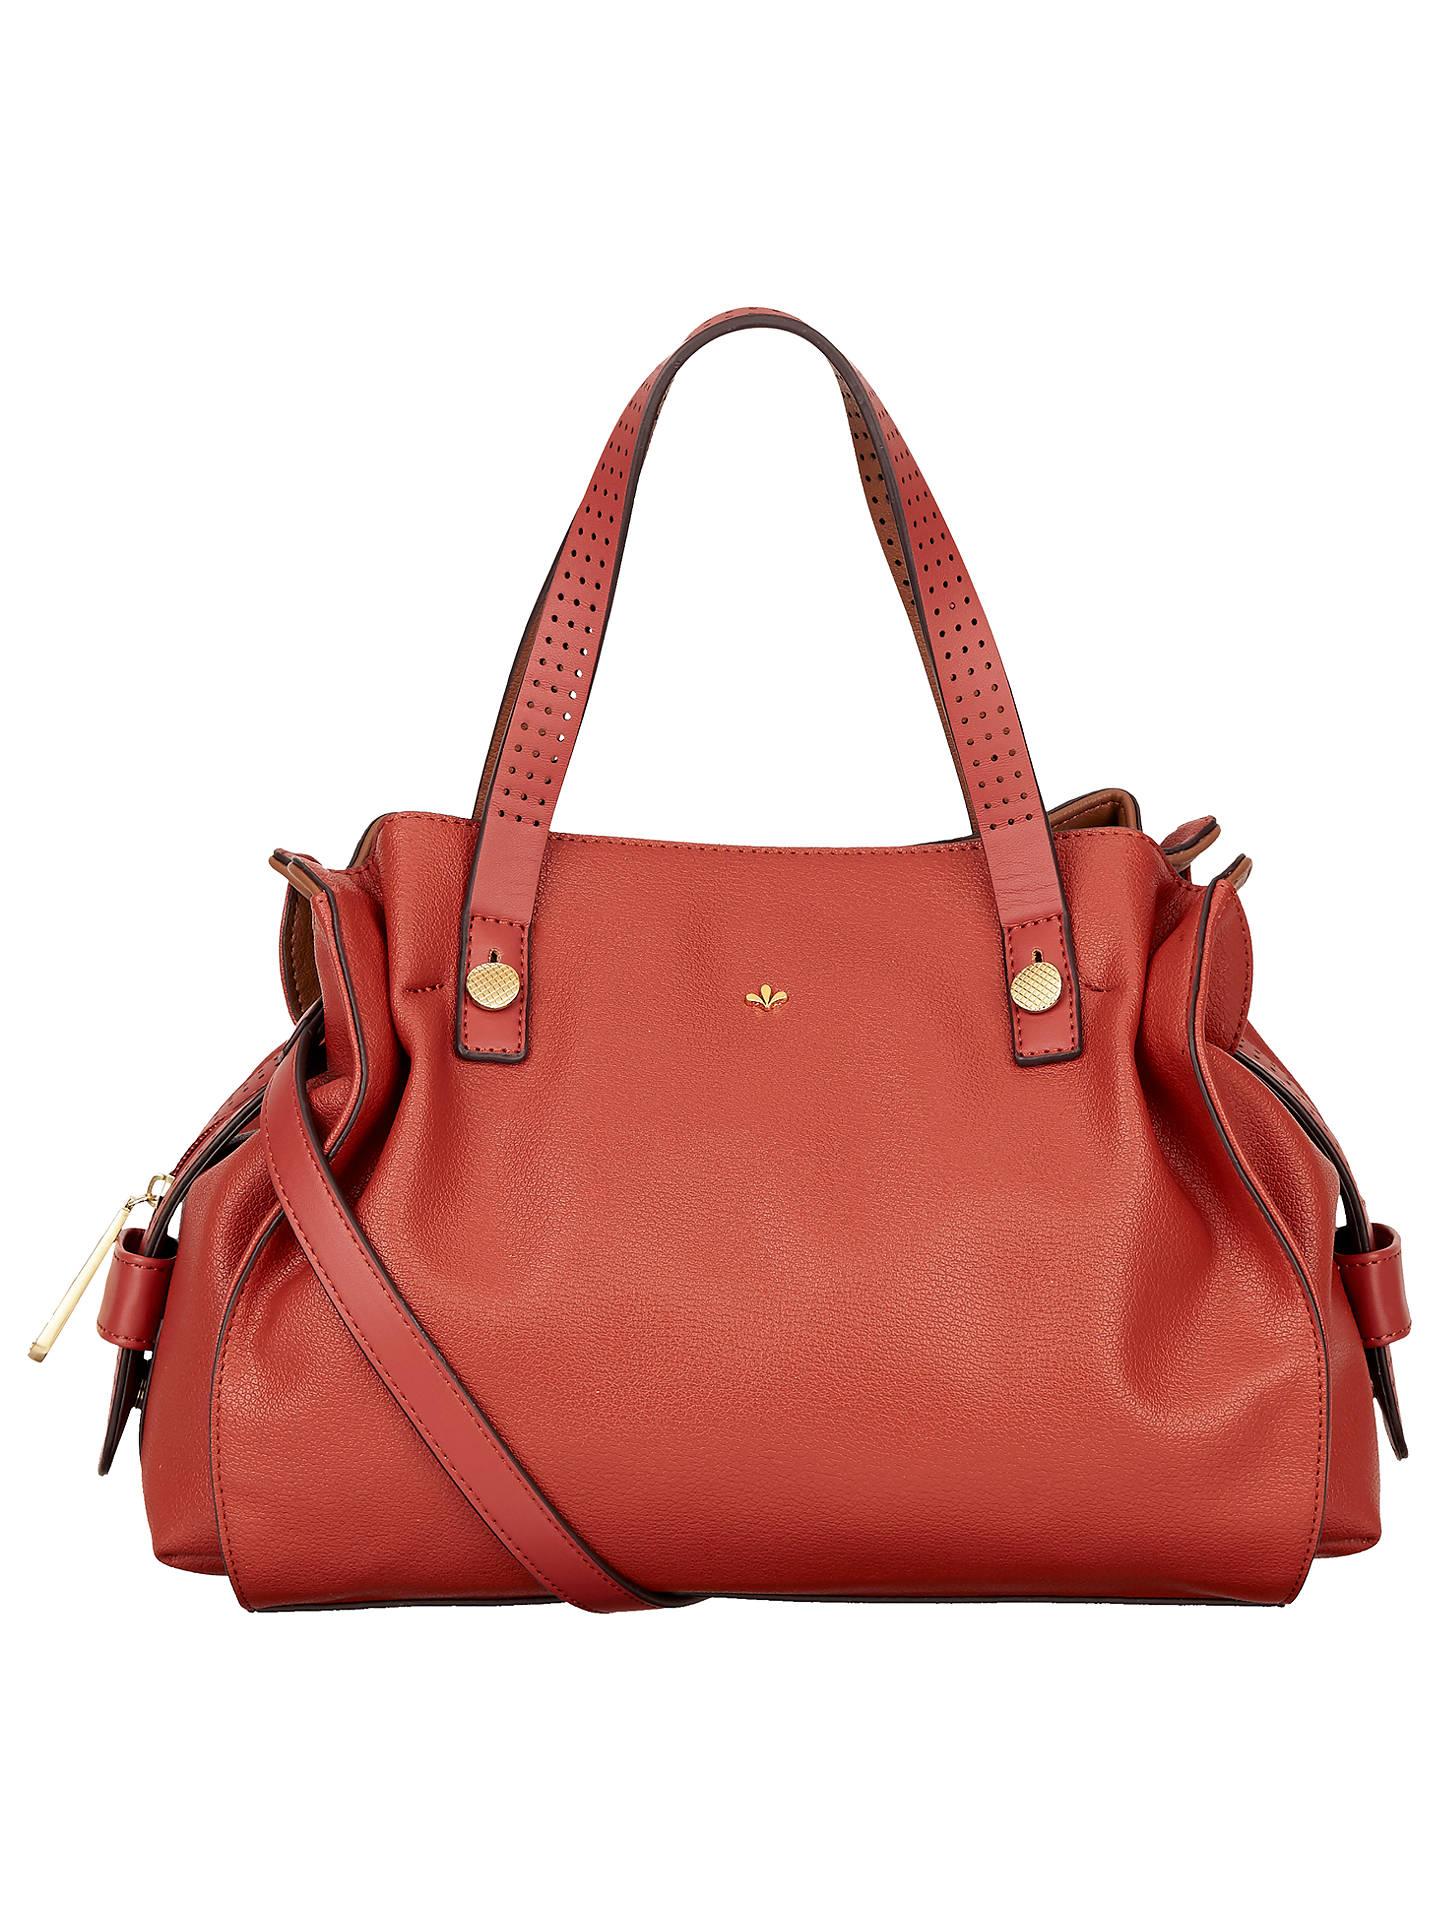 6c19725ba3f Buy Nica Ava Medium Grab Bag, Amber Online at johnlewis.com ...